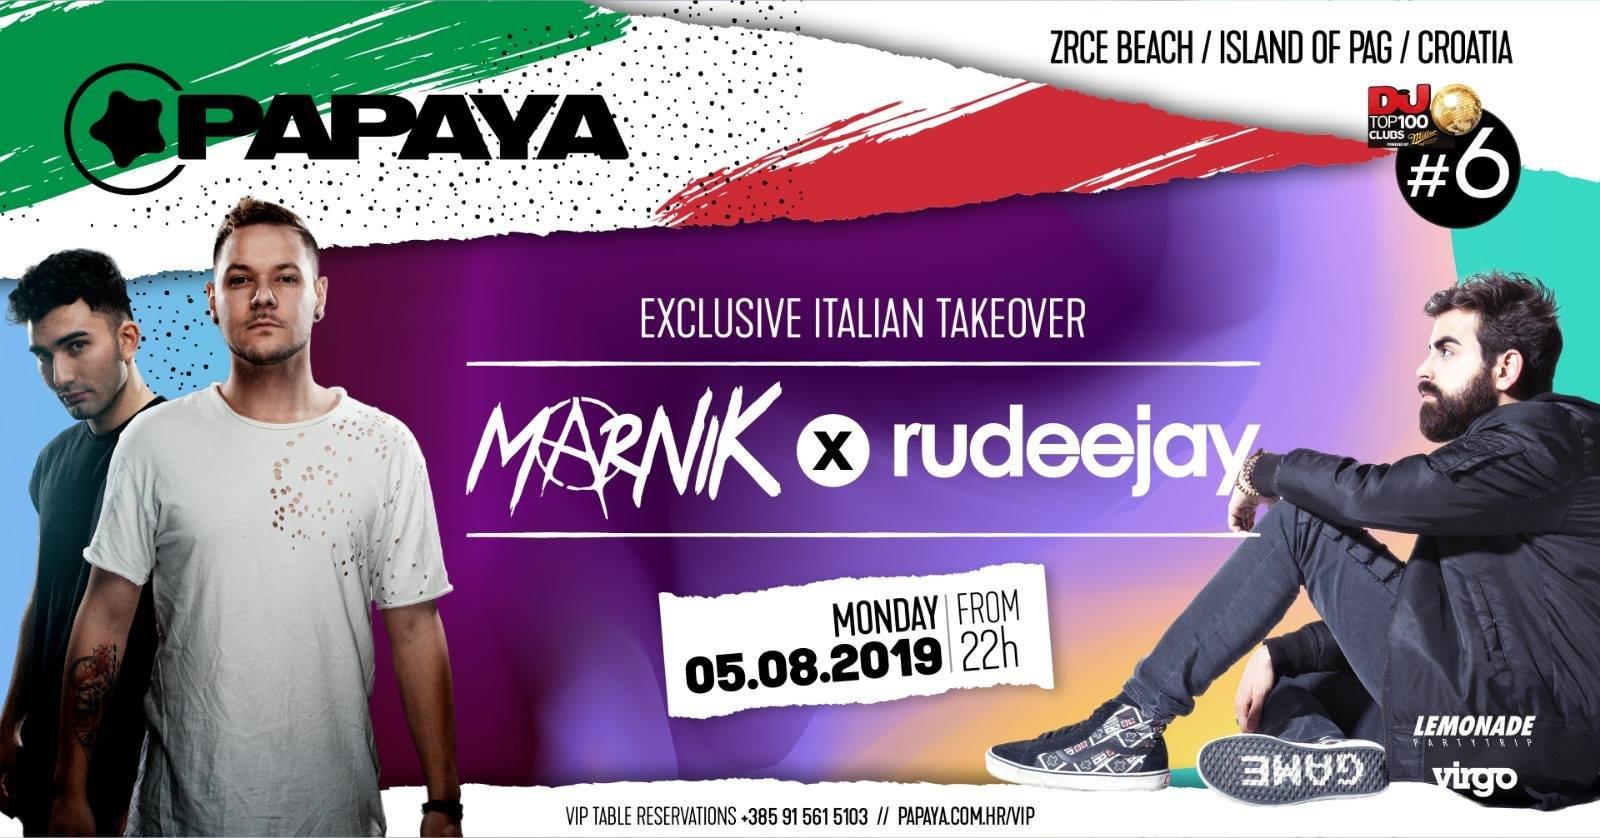 Marnik & Rudeejay - 05.08.2019